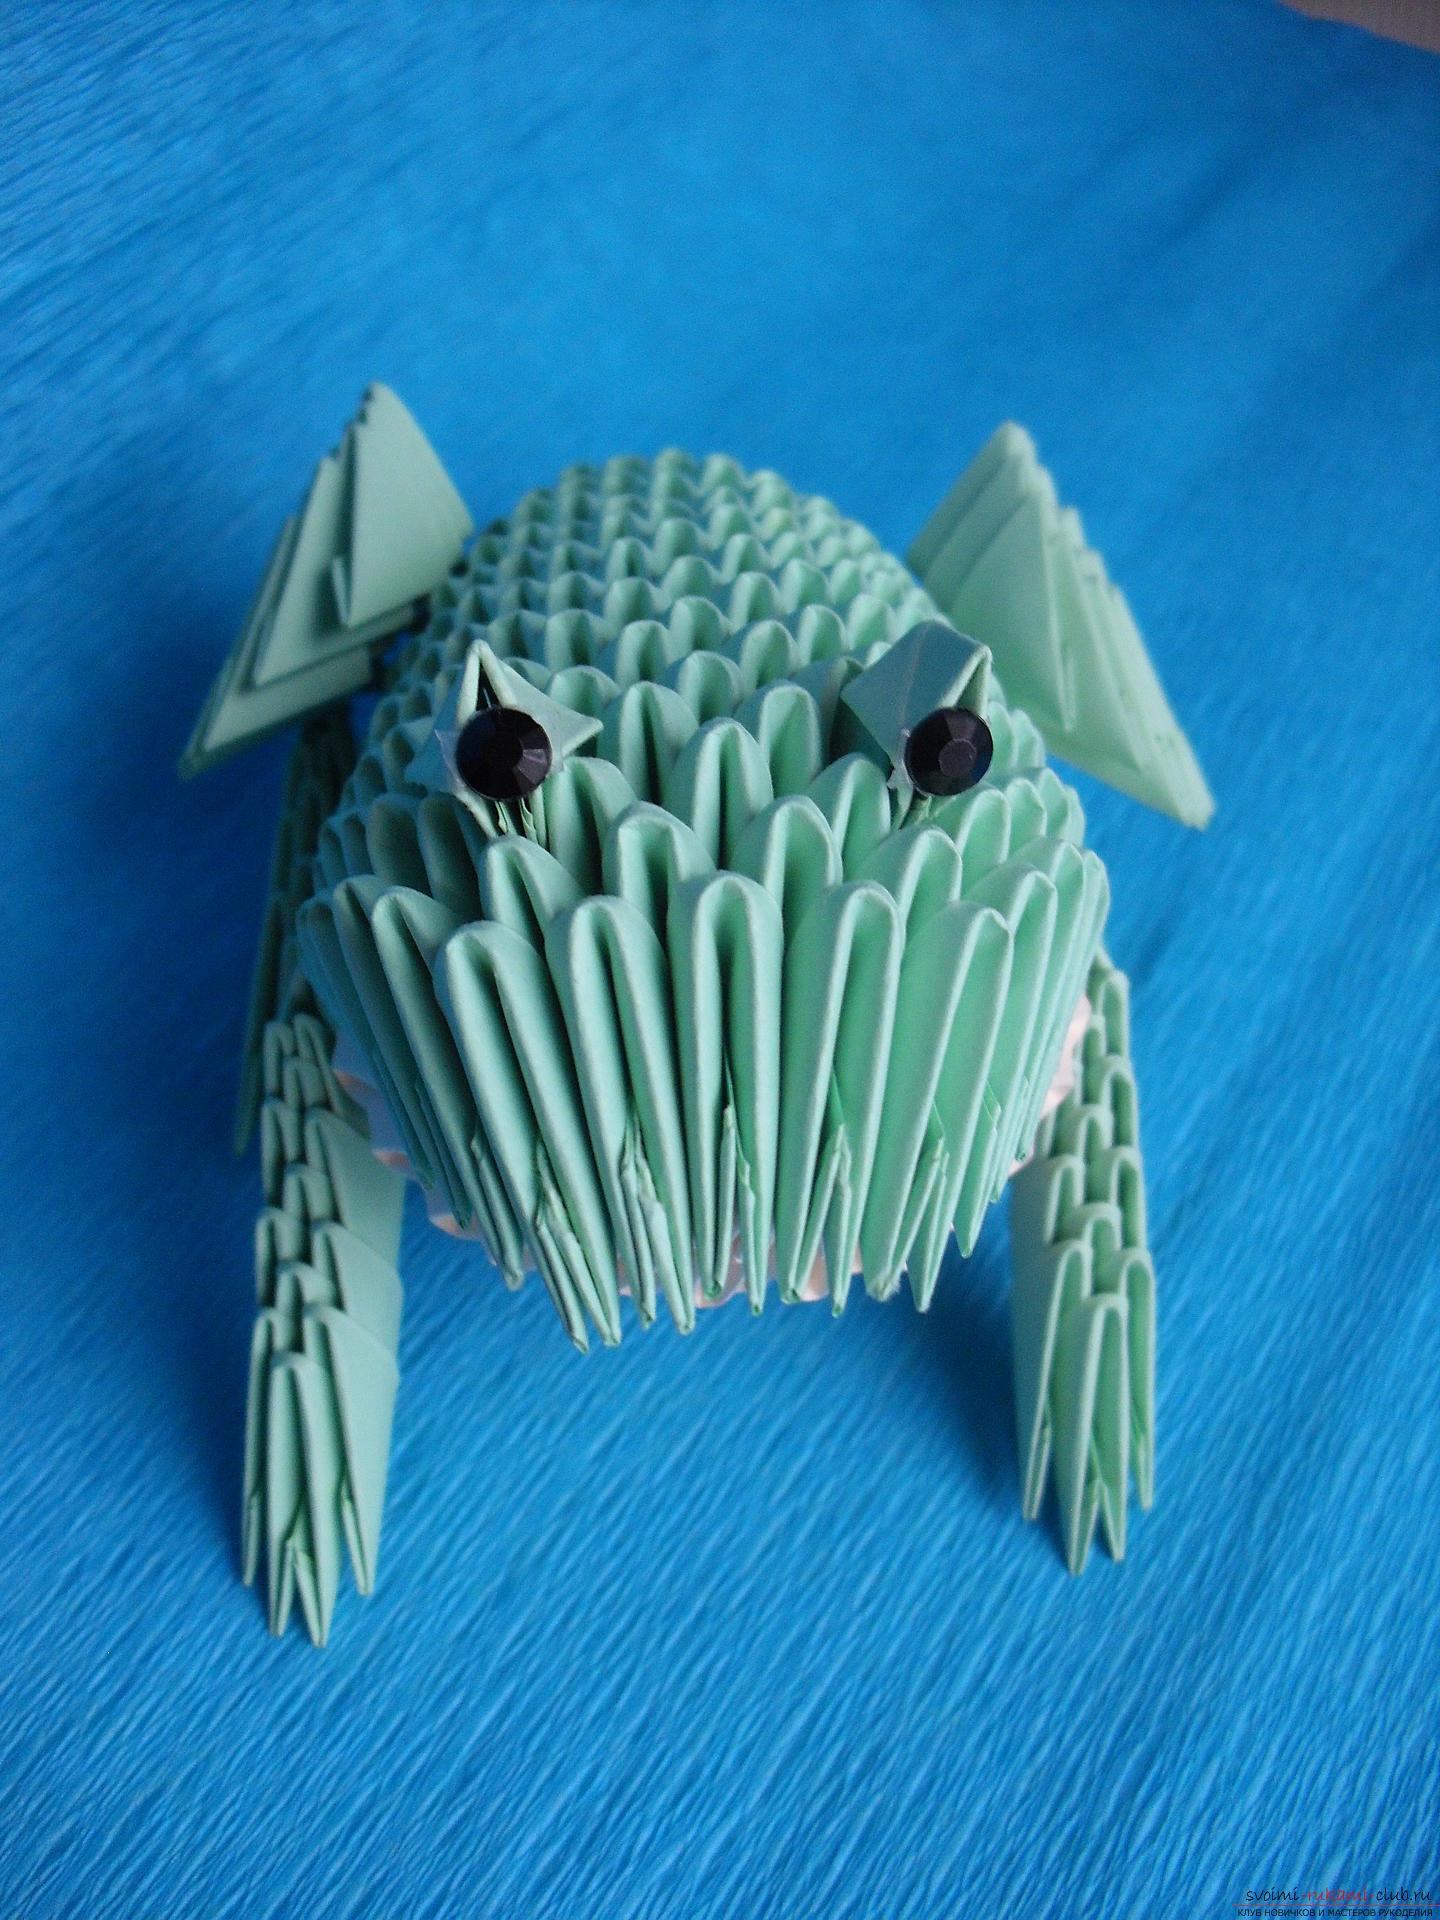 Этот мастер-класс расскажет как сделать поделку из модульных оригами - лягушку.. Фото №23